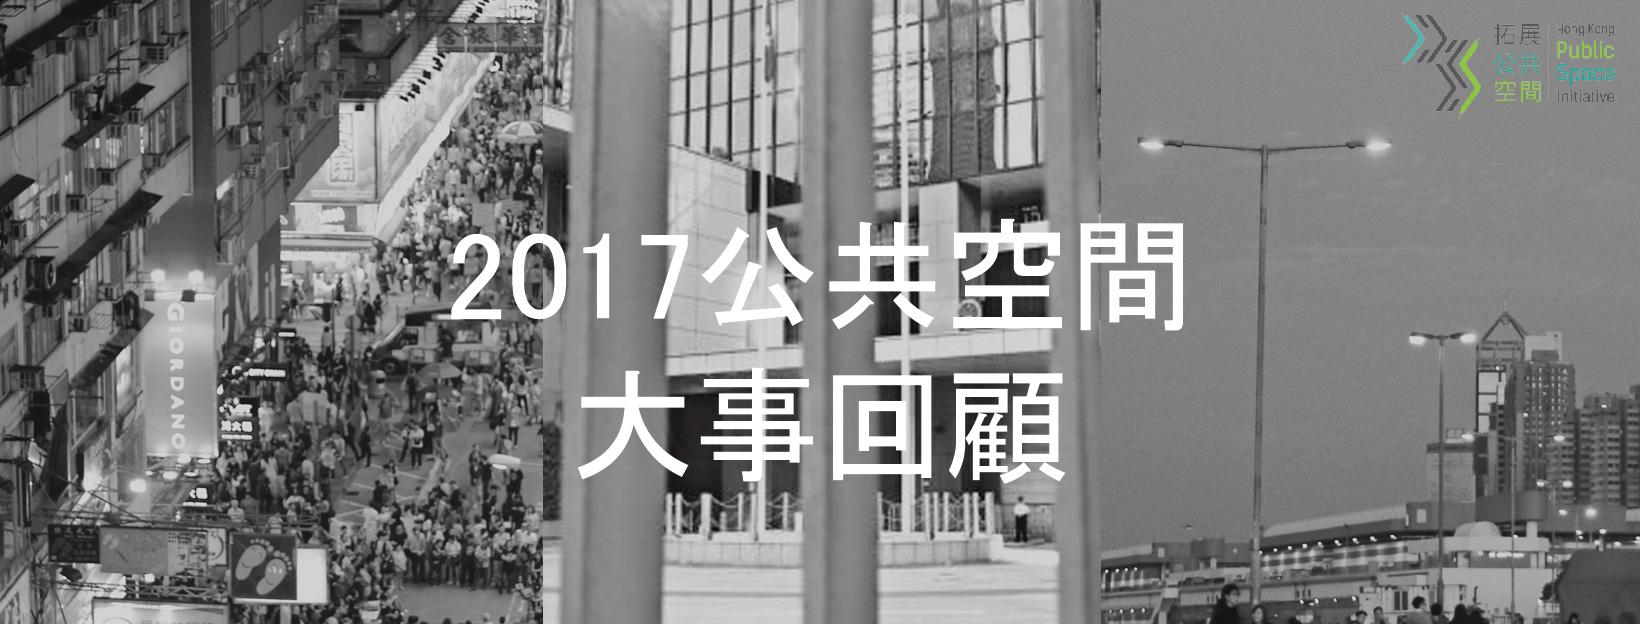 2017公共空間大事回顧